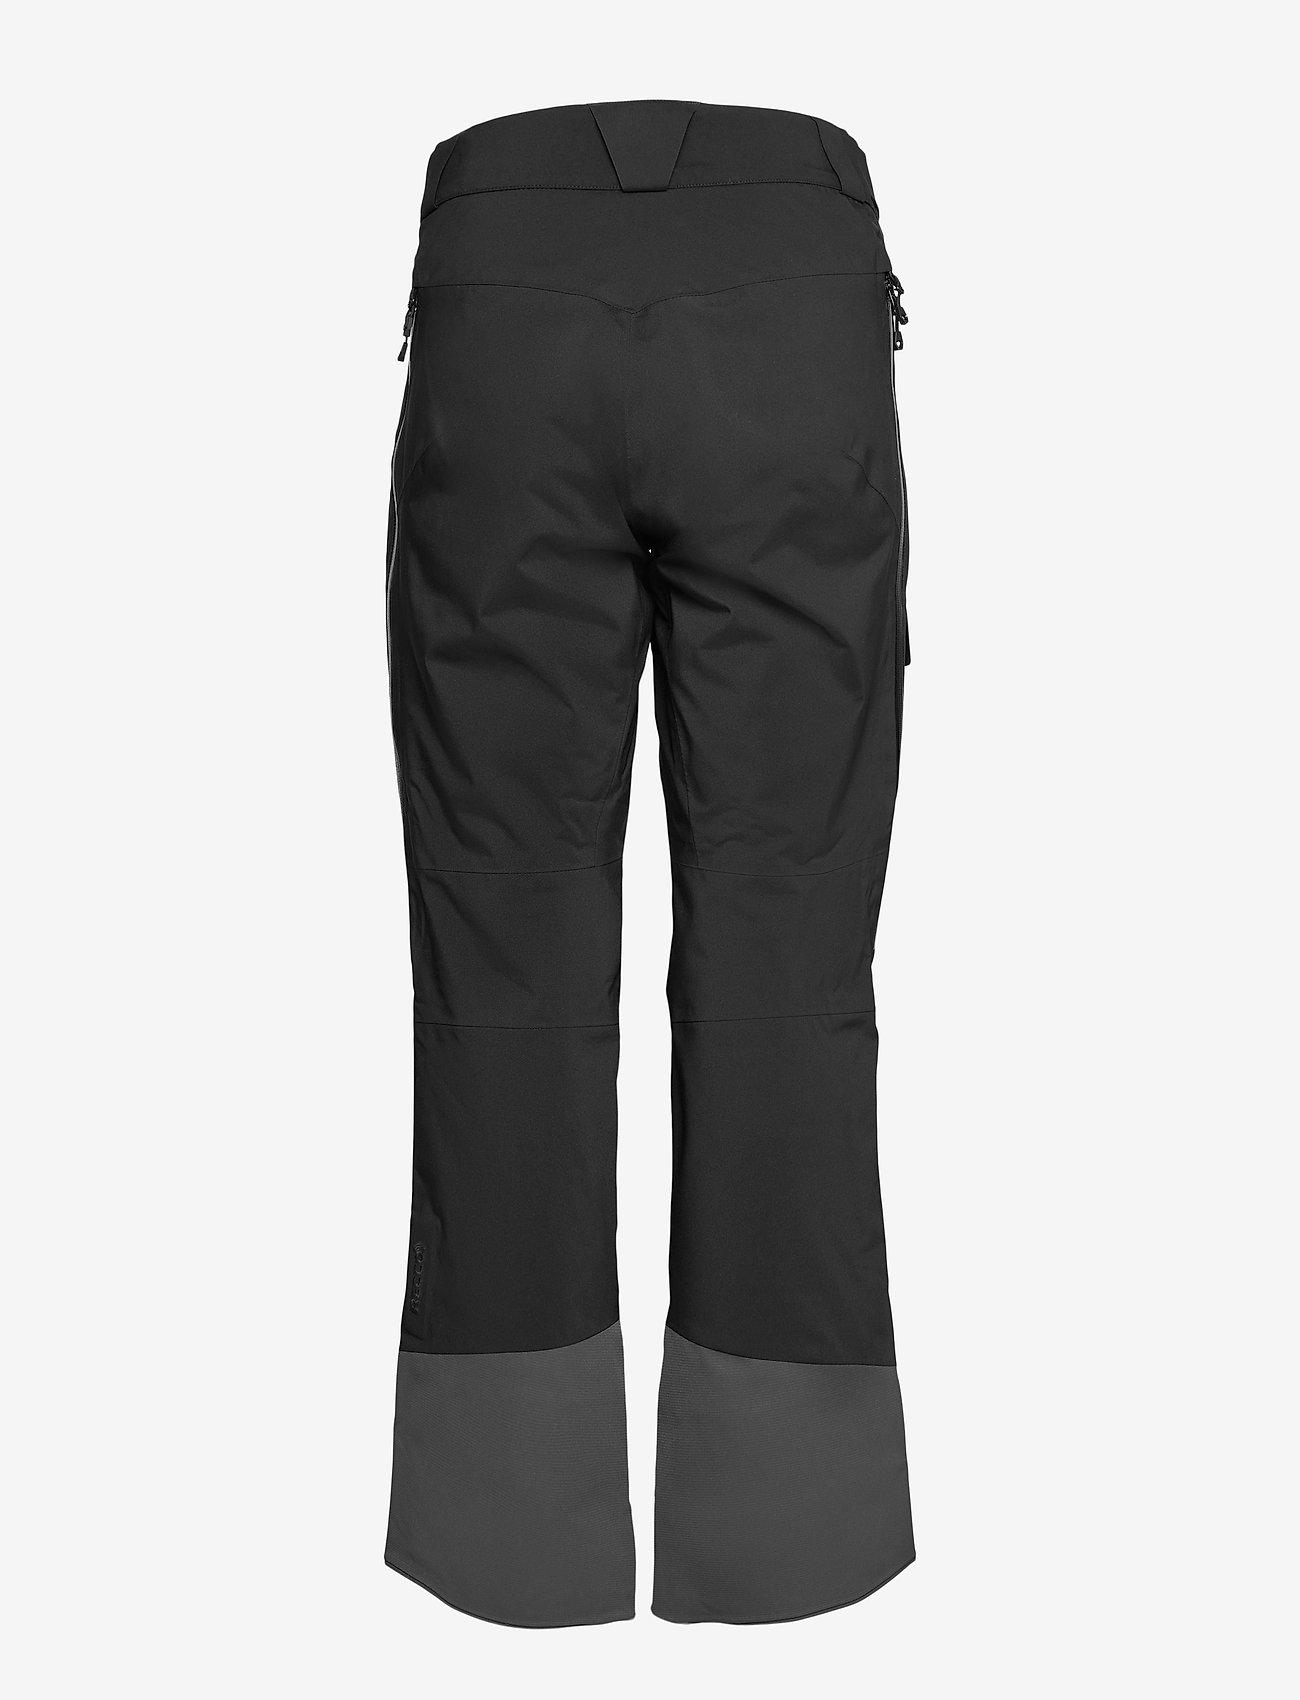 Bergans - Myrkdalen V2 Insulated W Pnt - skibroeken - black/solidcharcoal - 1